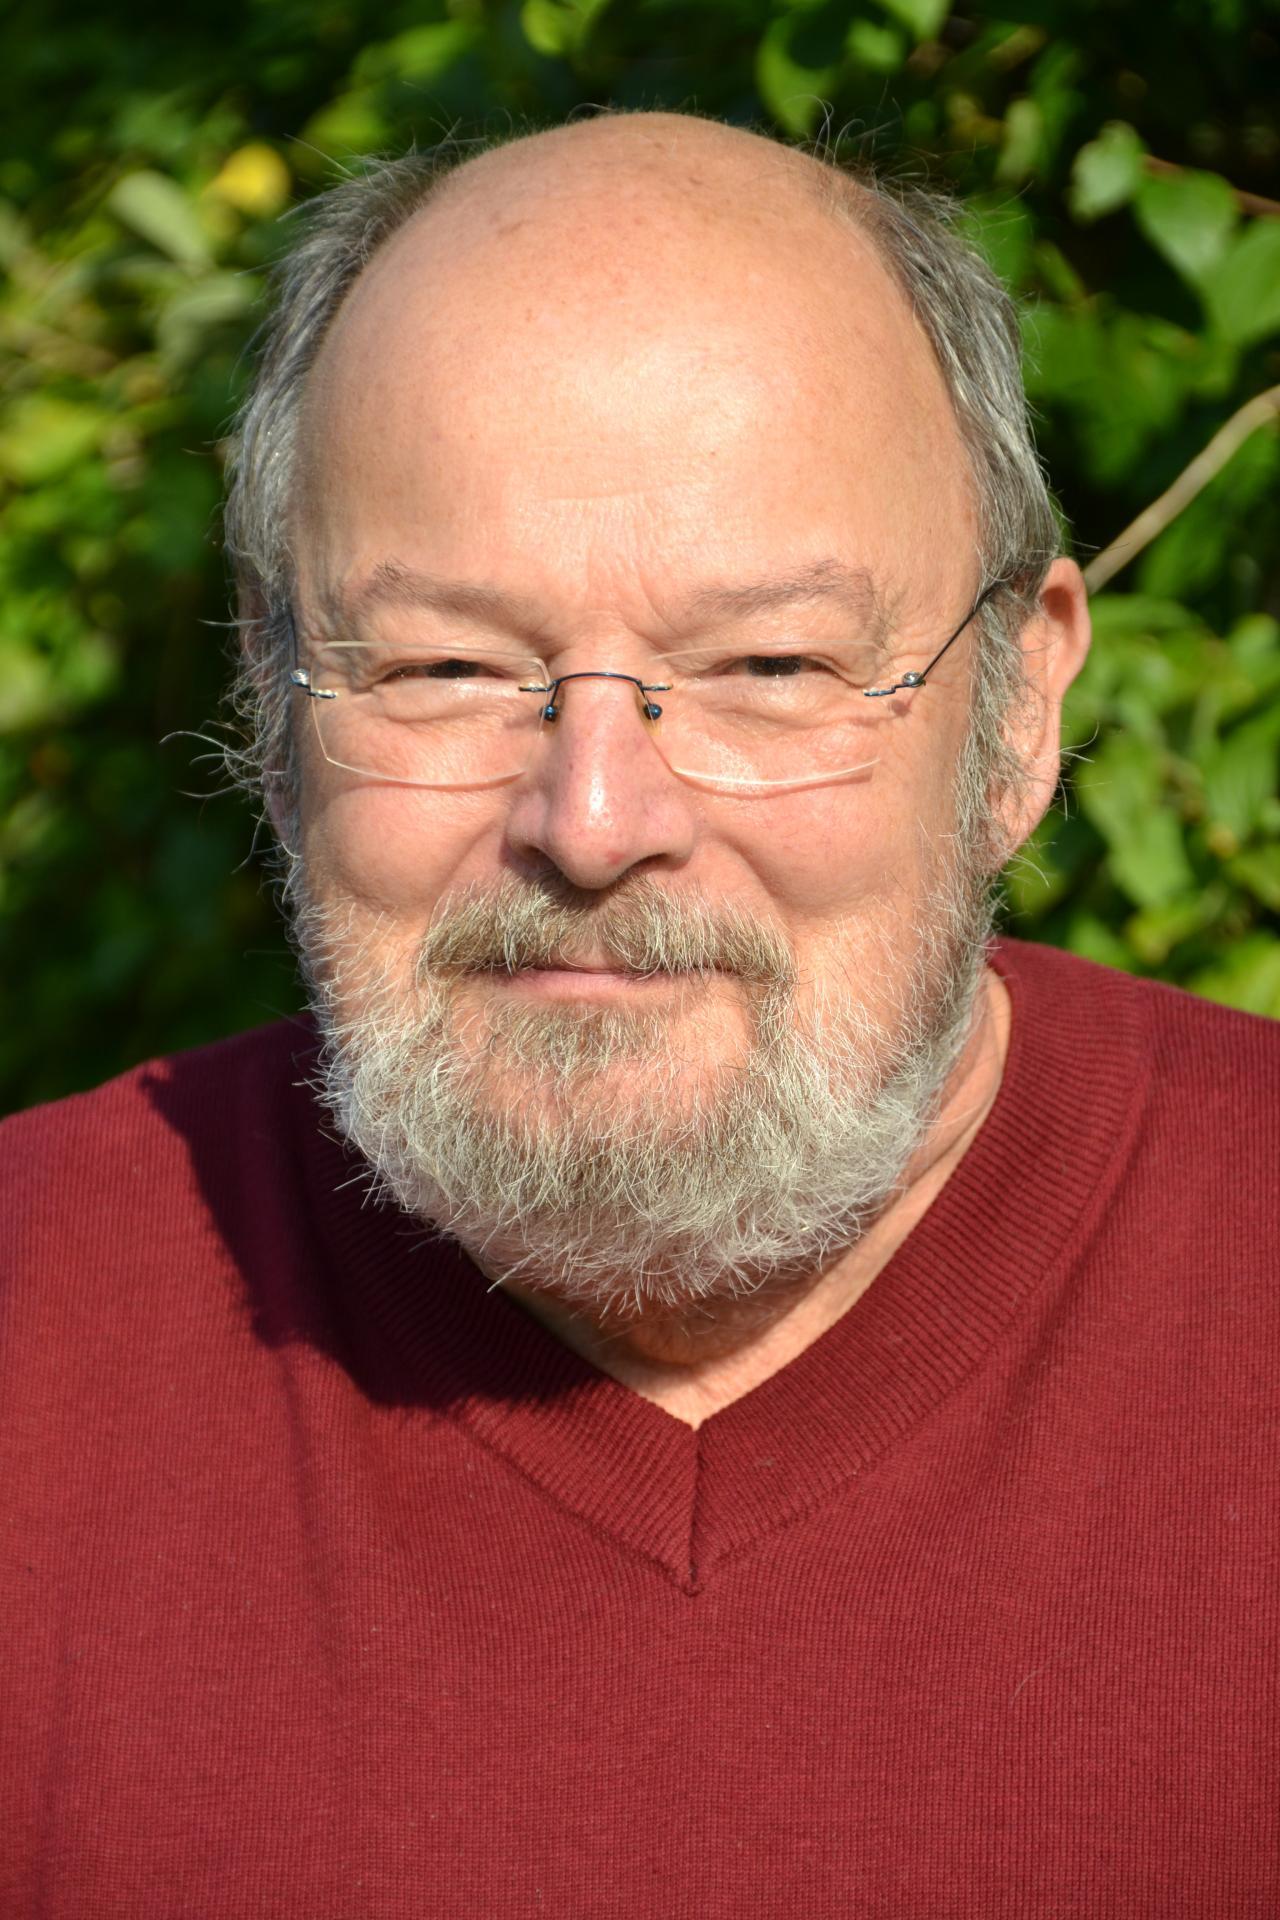 Ulf Hoffmeyer-Zlotnik